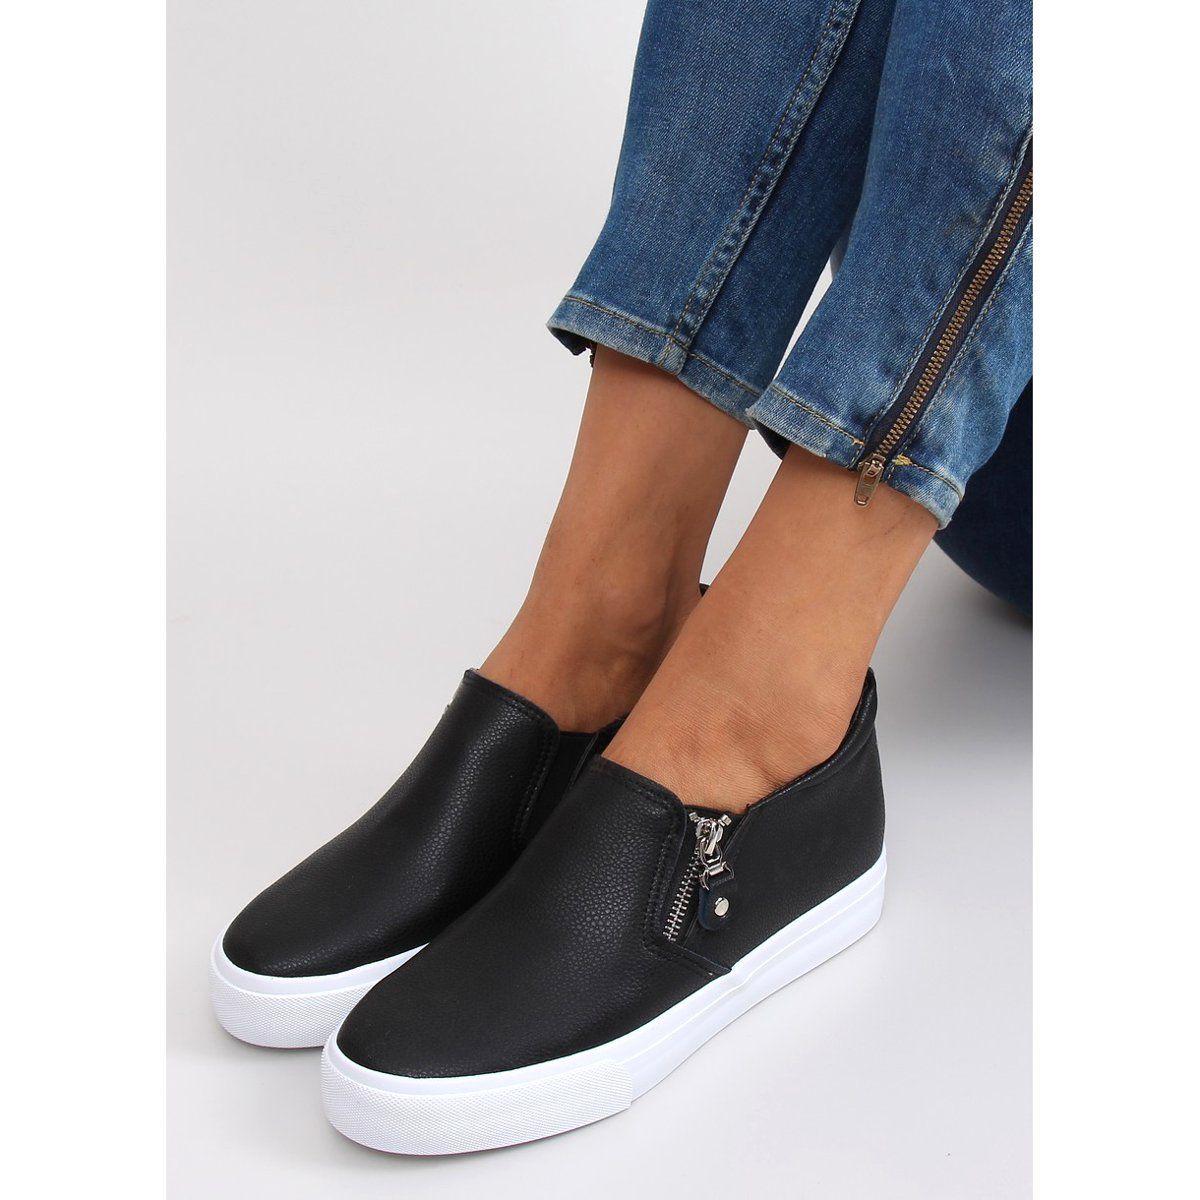 Slipon Na Ukrytym Koturnie 3161 Black Czarne Shoes Sneakers Slip On Sneaker